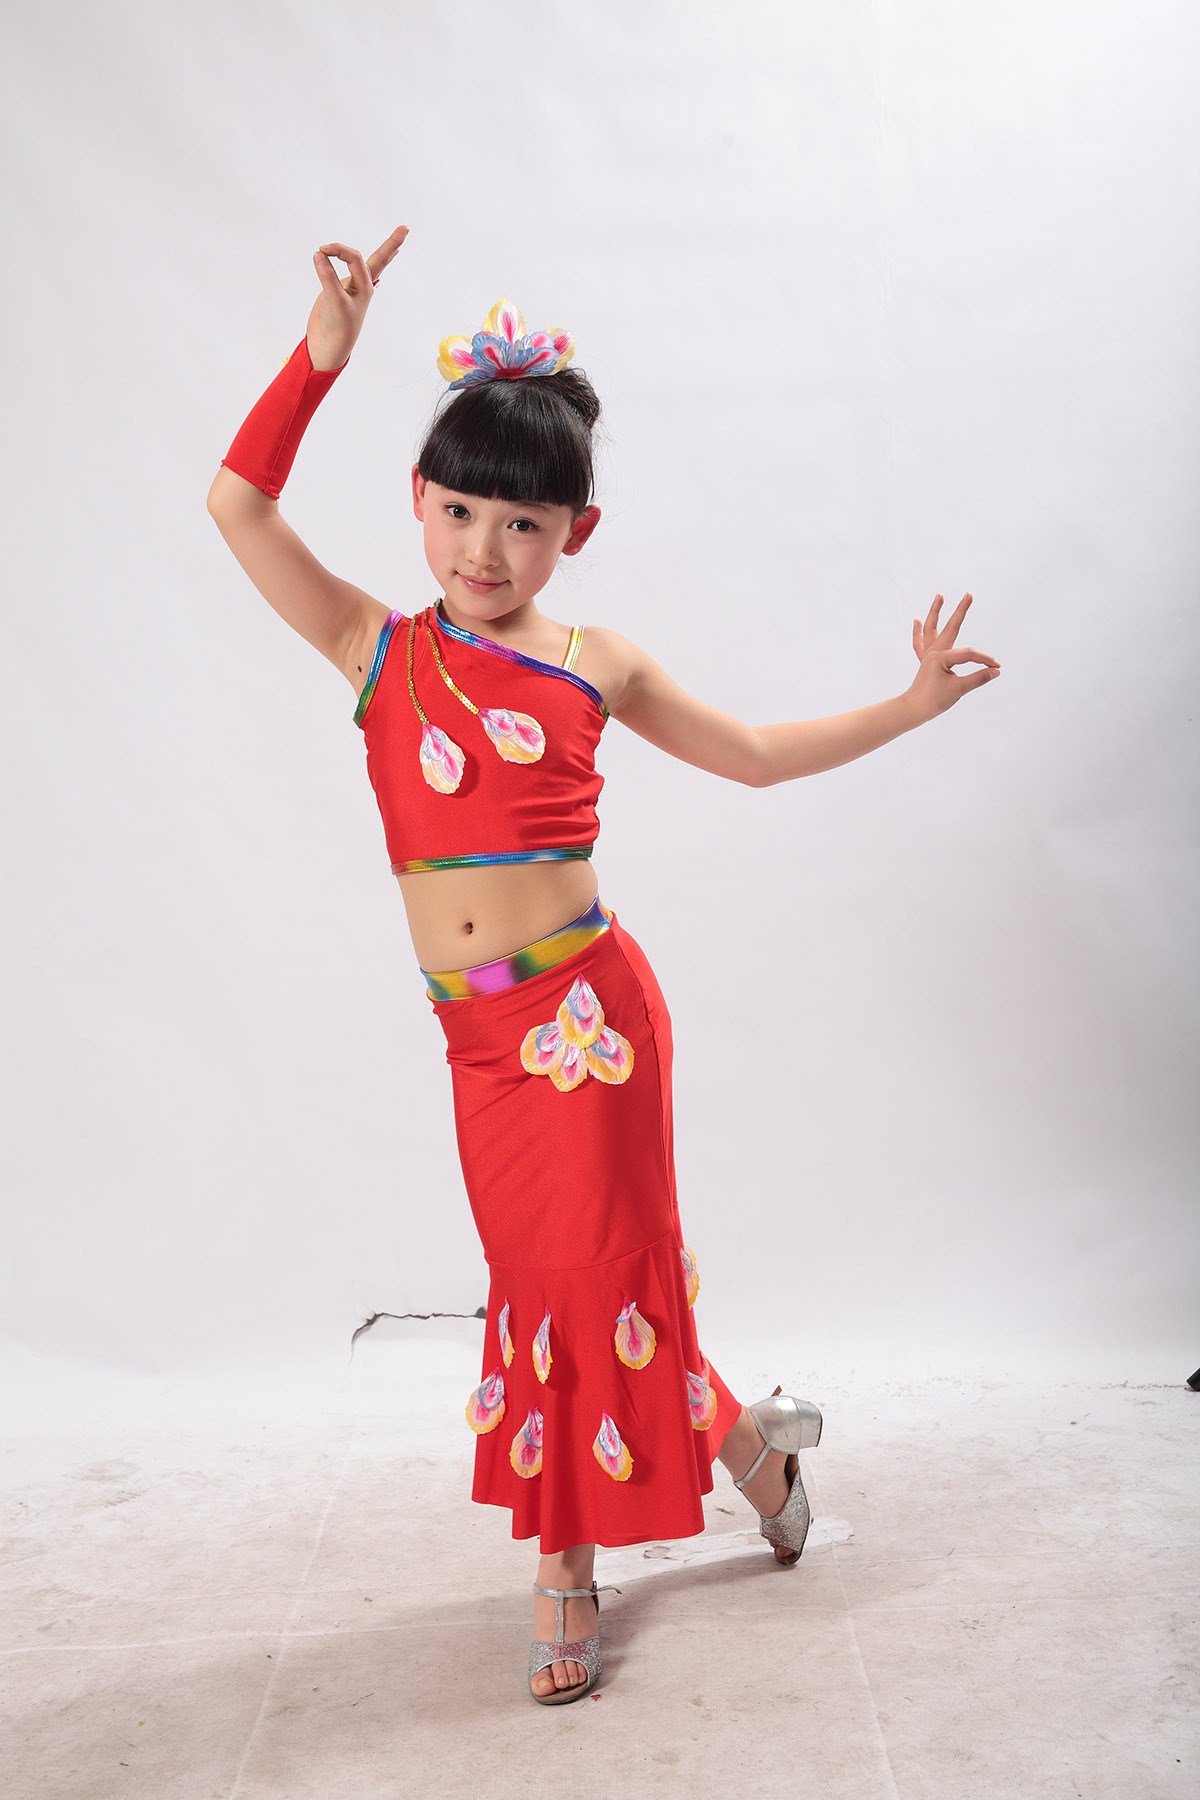 儿童舞蹈民族舞_比赛服女童 女童拉丁舞裙儿童比赛服拉丁服